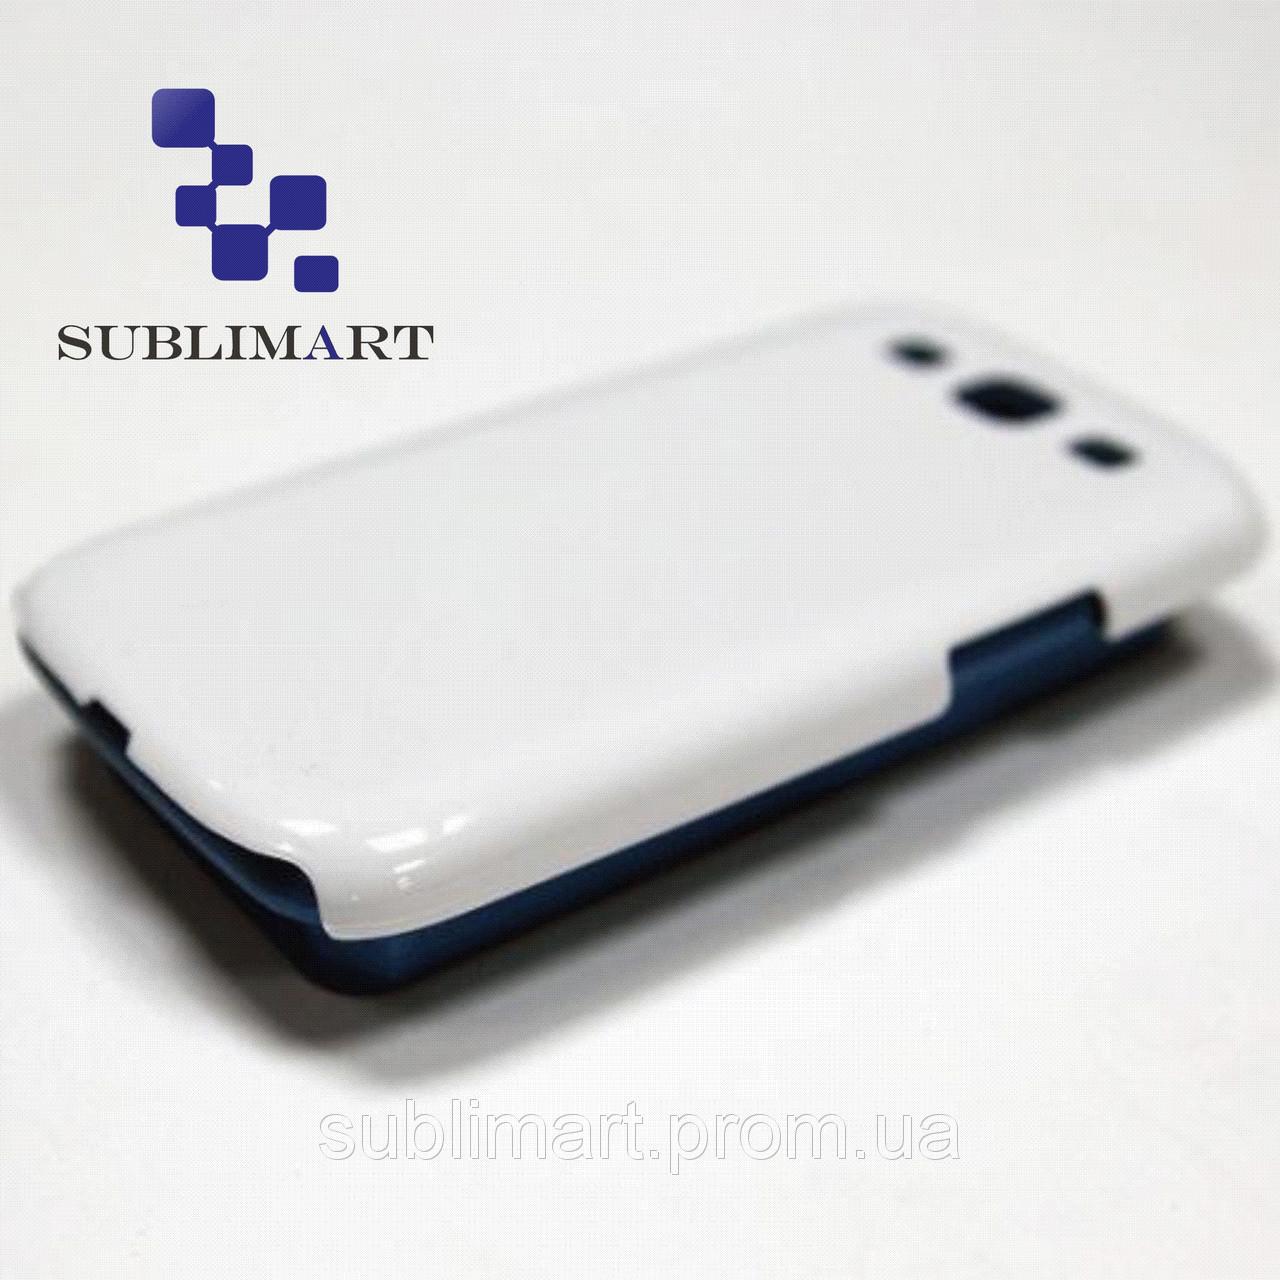 Чехол для 3D сублимации на Samsung S3 матовый